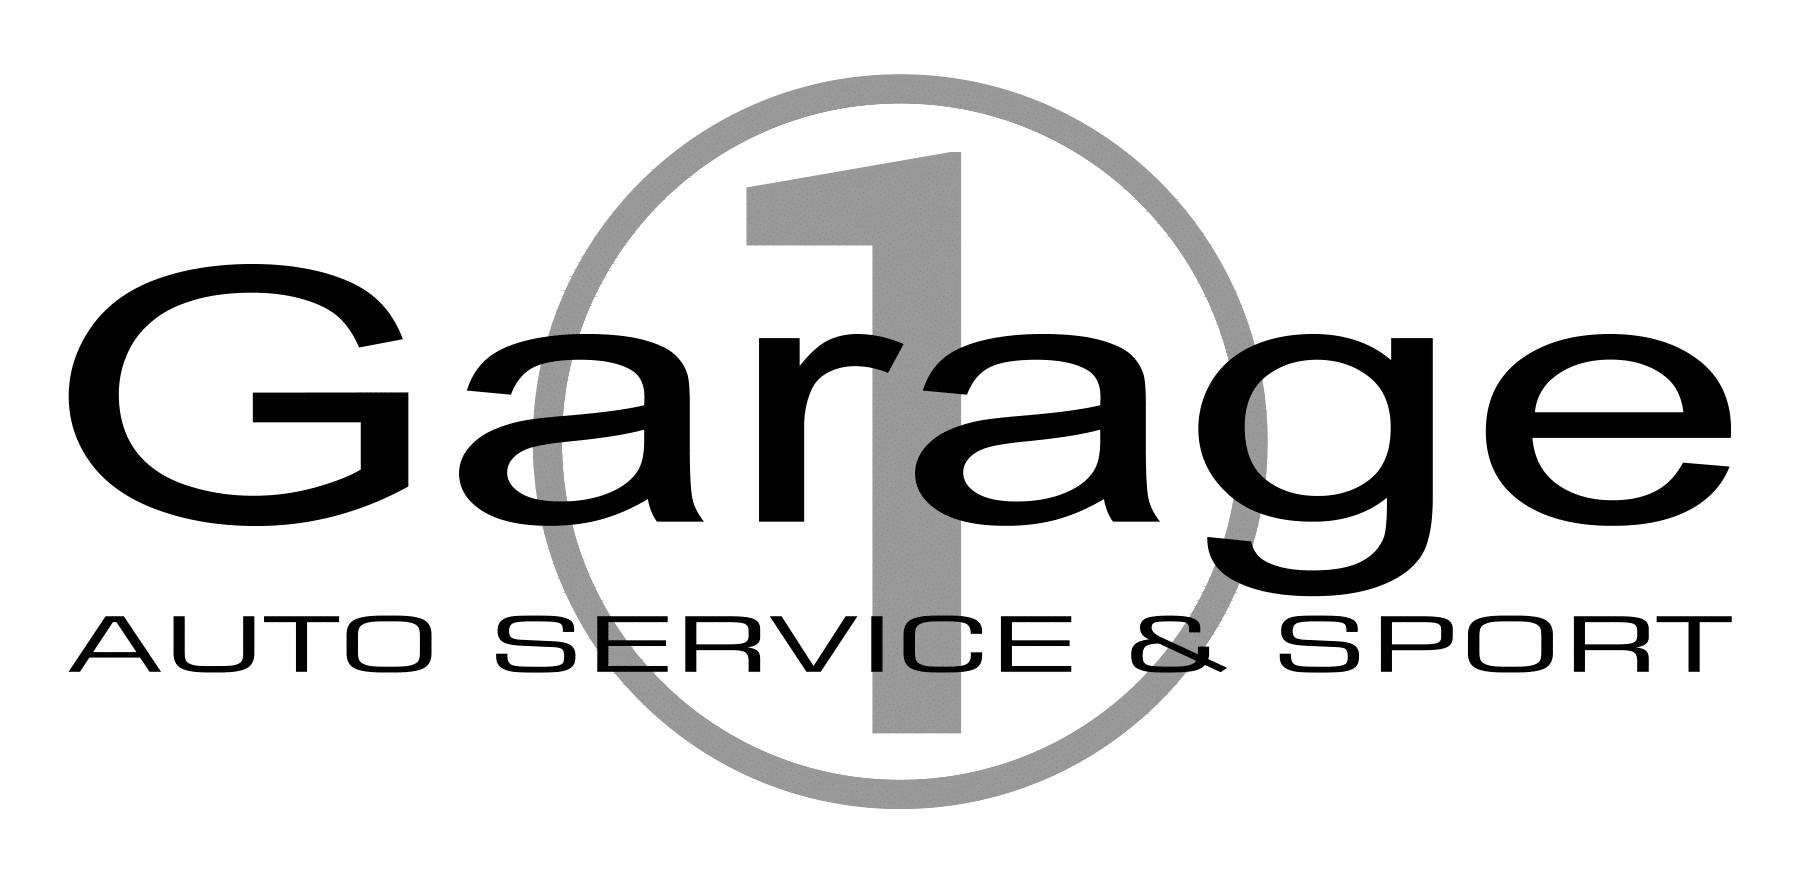 new logo2-1 (1).jpg